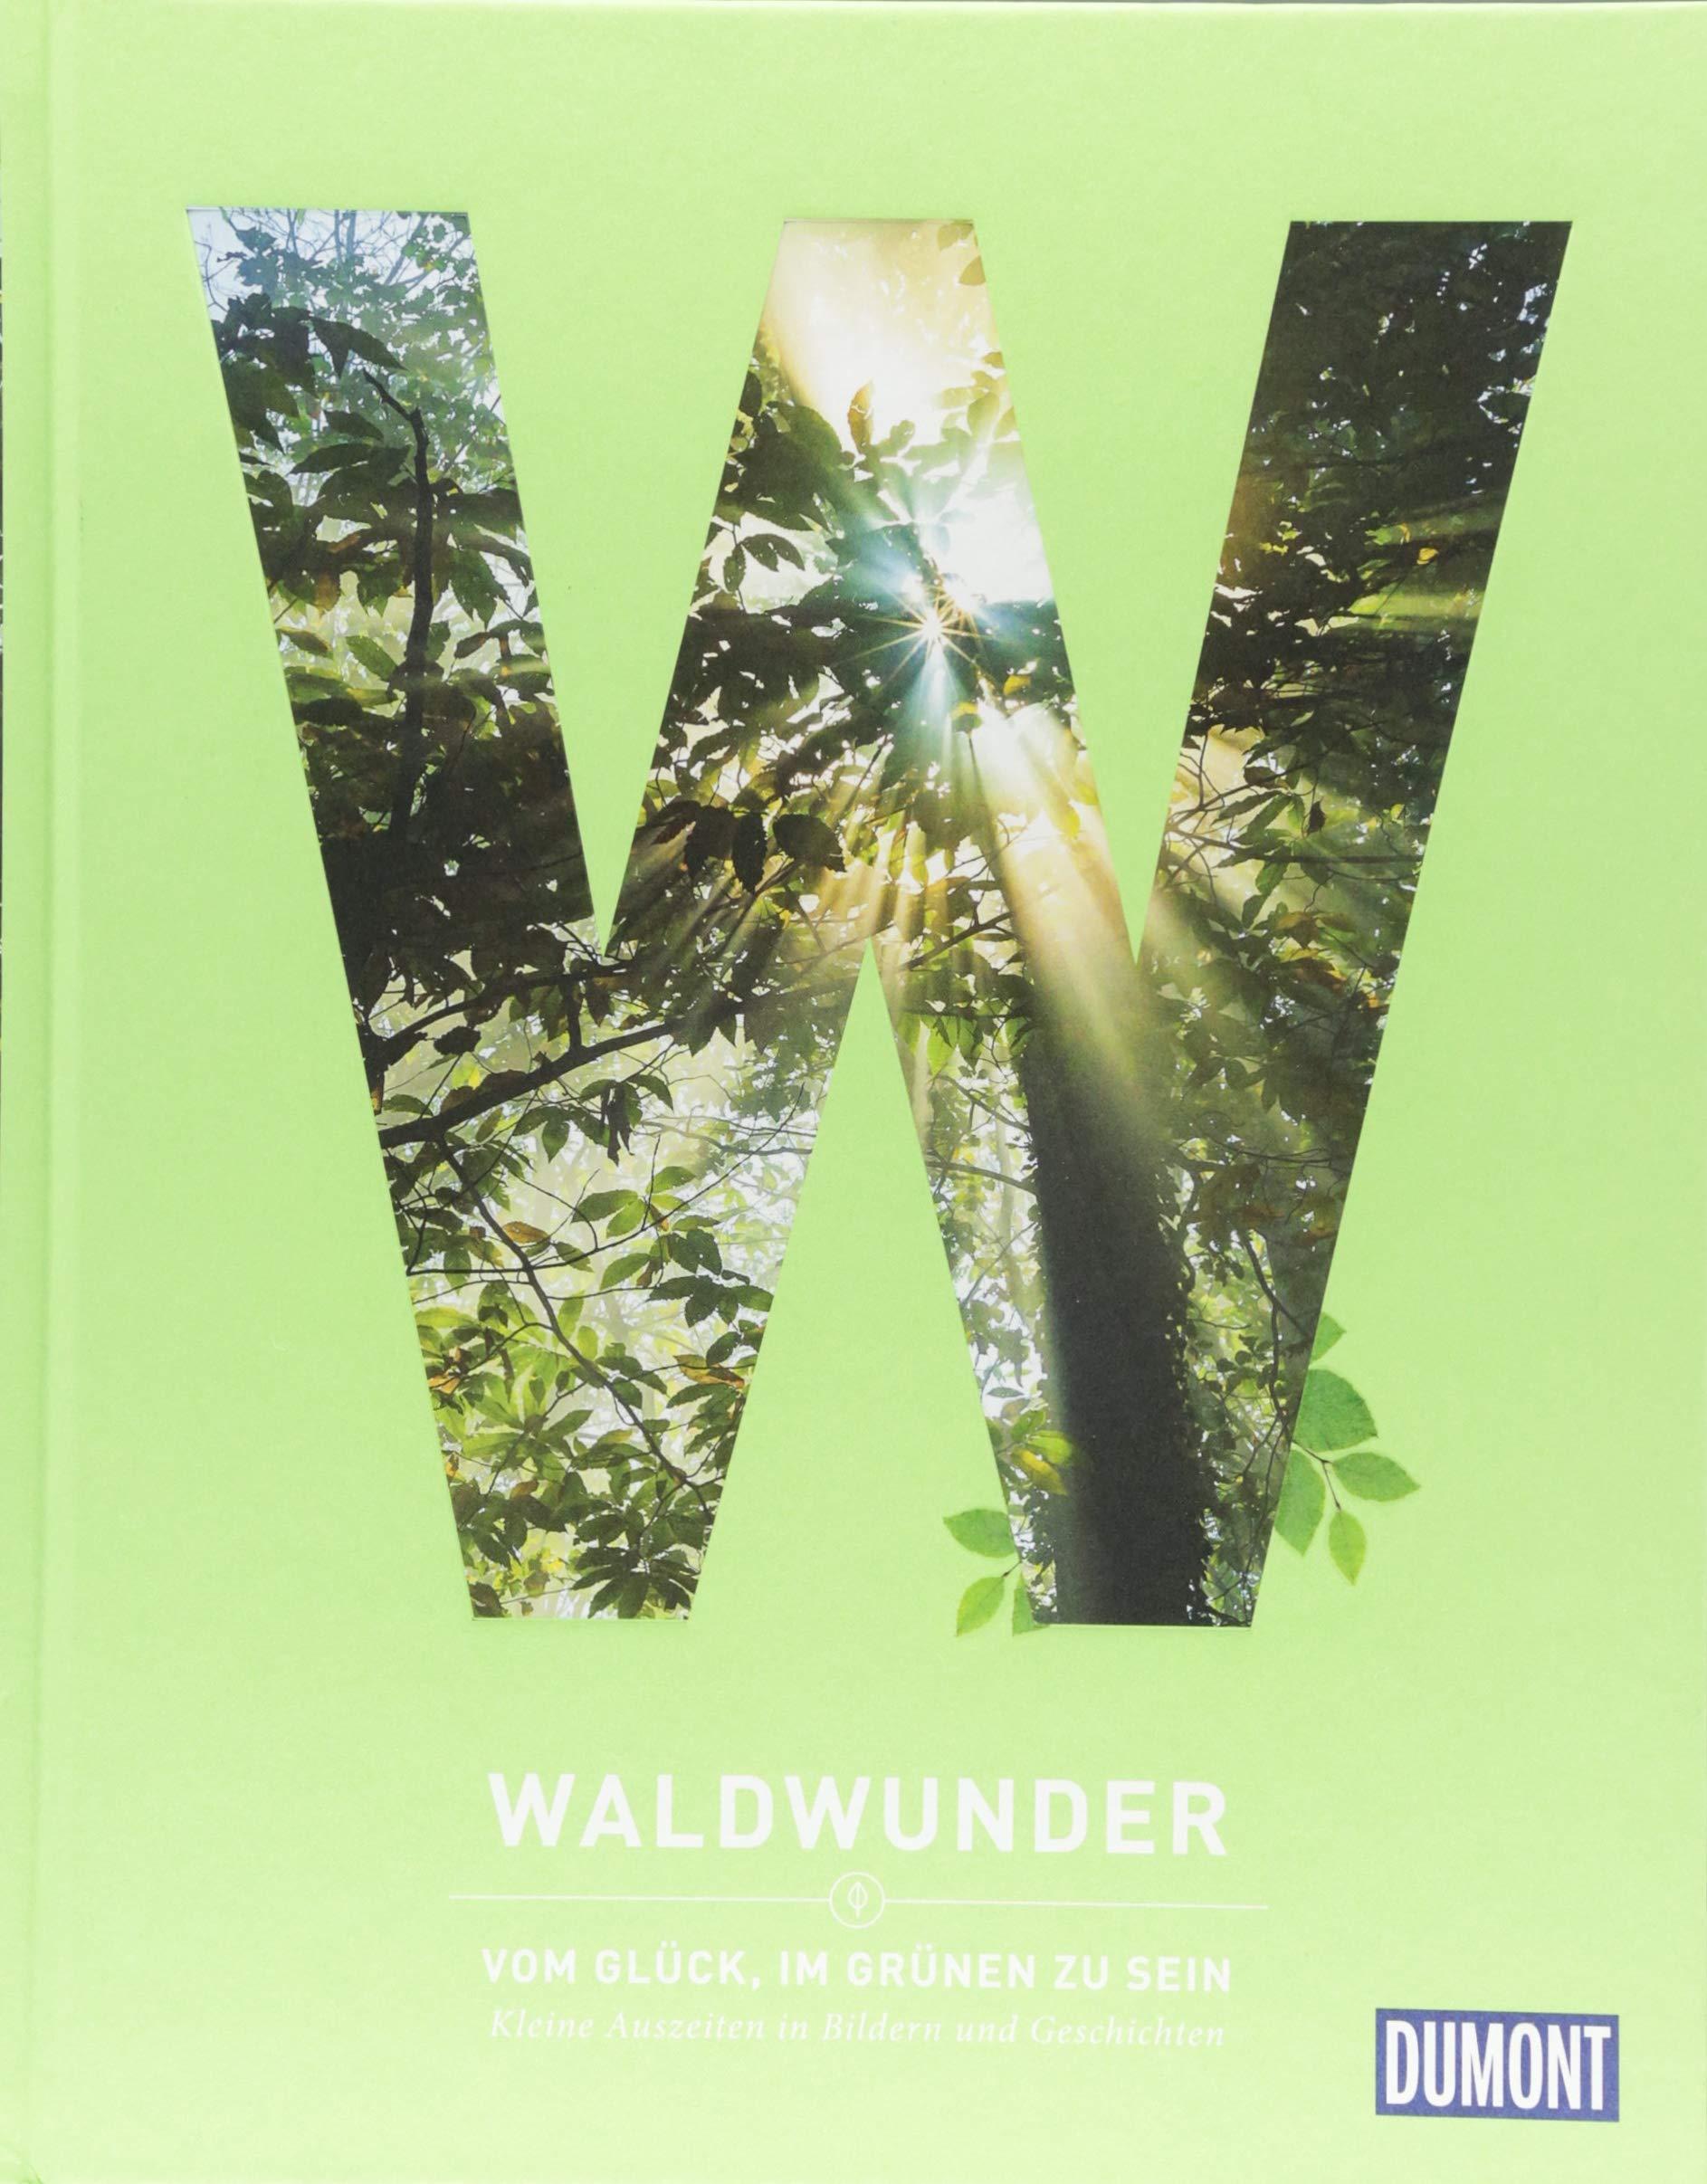 Waldwunder: Vom Glück, im Grünen zu sein (DuMont Destination Sehnsucht)